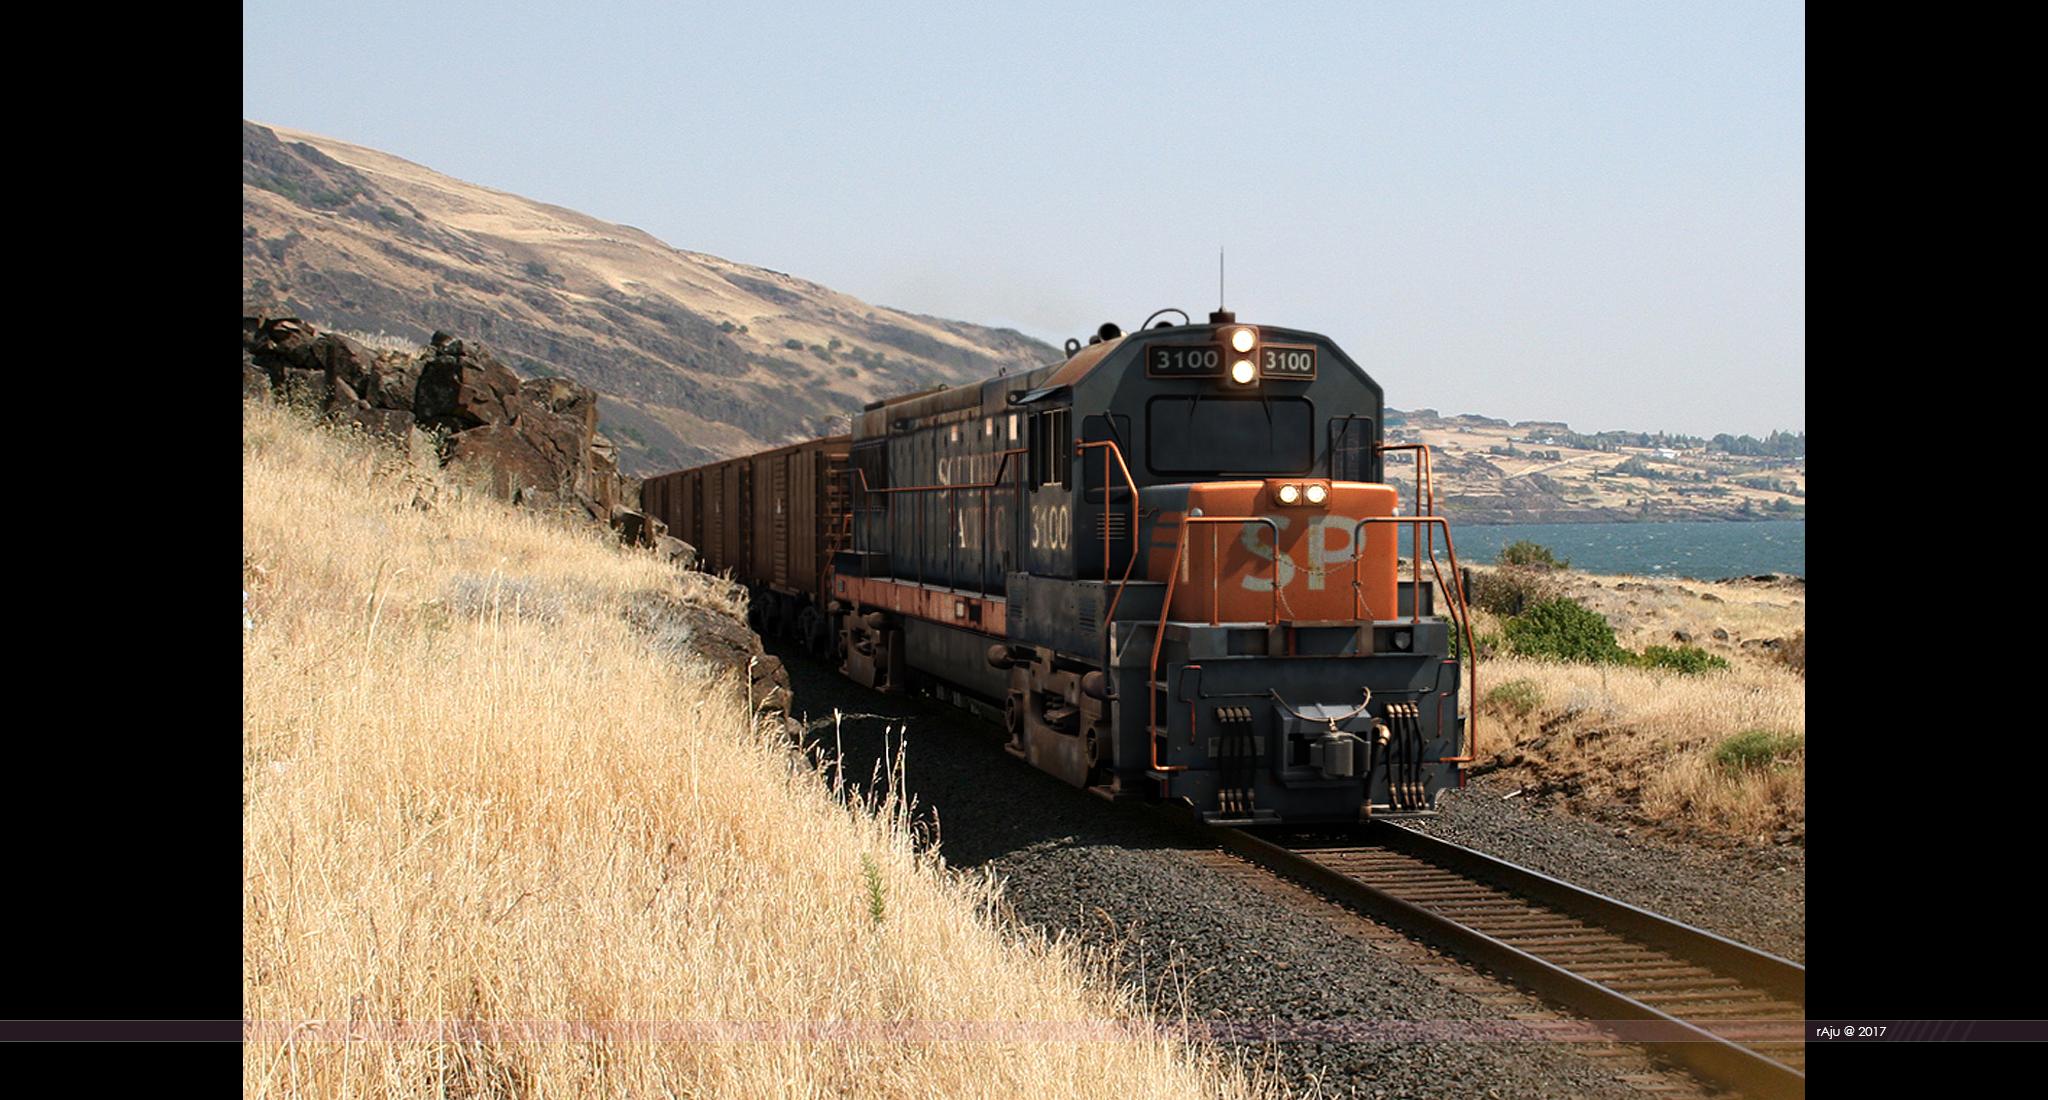 train_comped